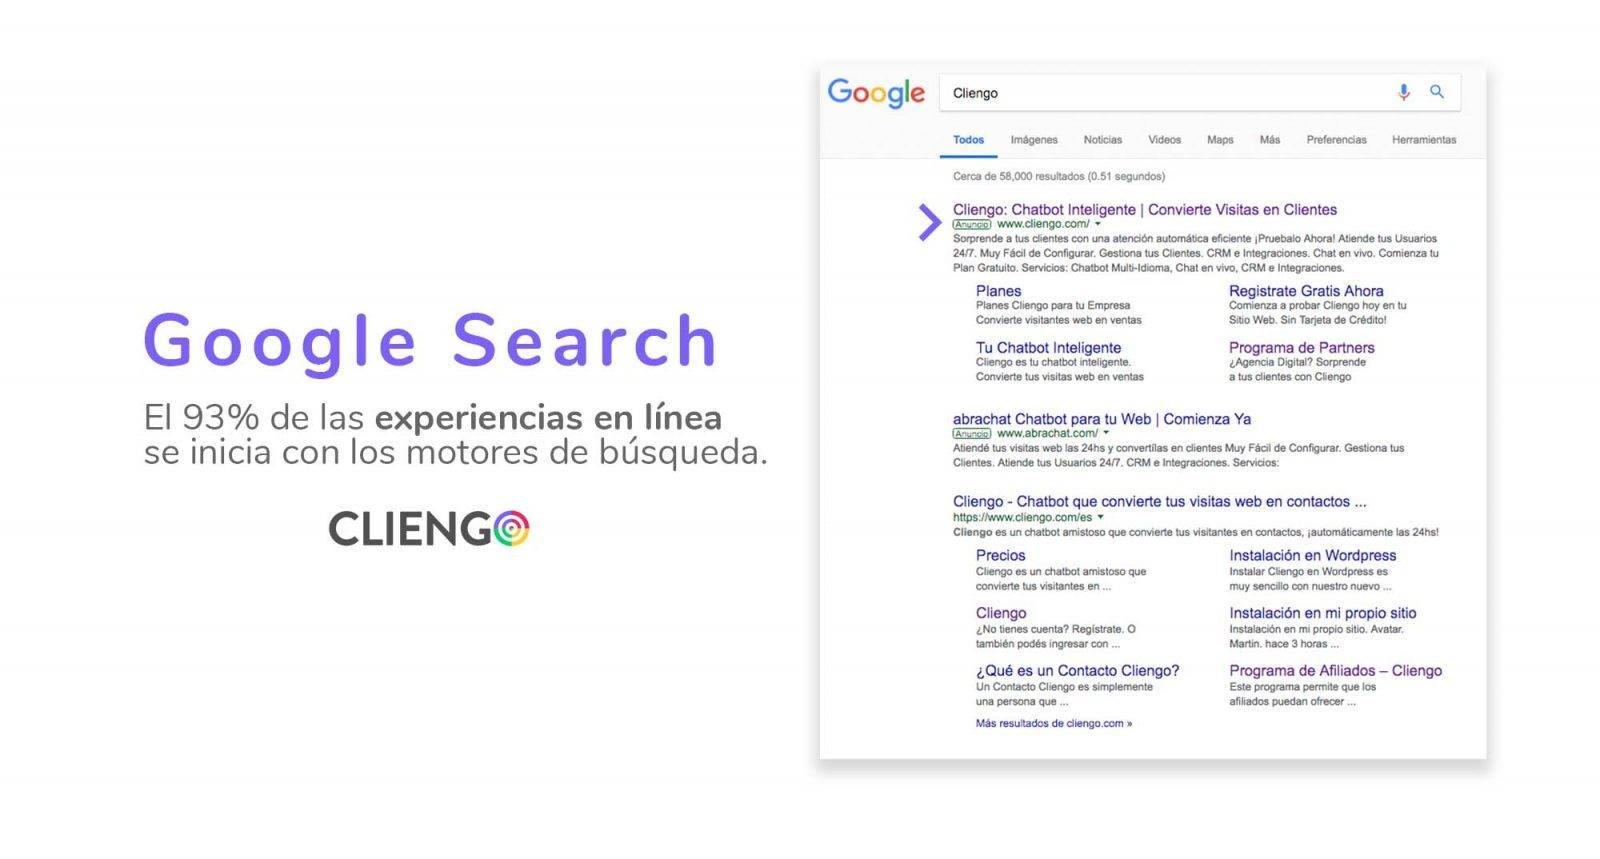 Google Search - Publicidad en Google (Estadística)